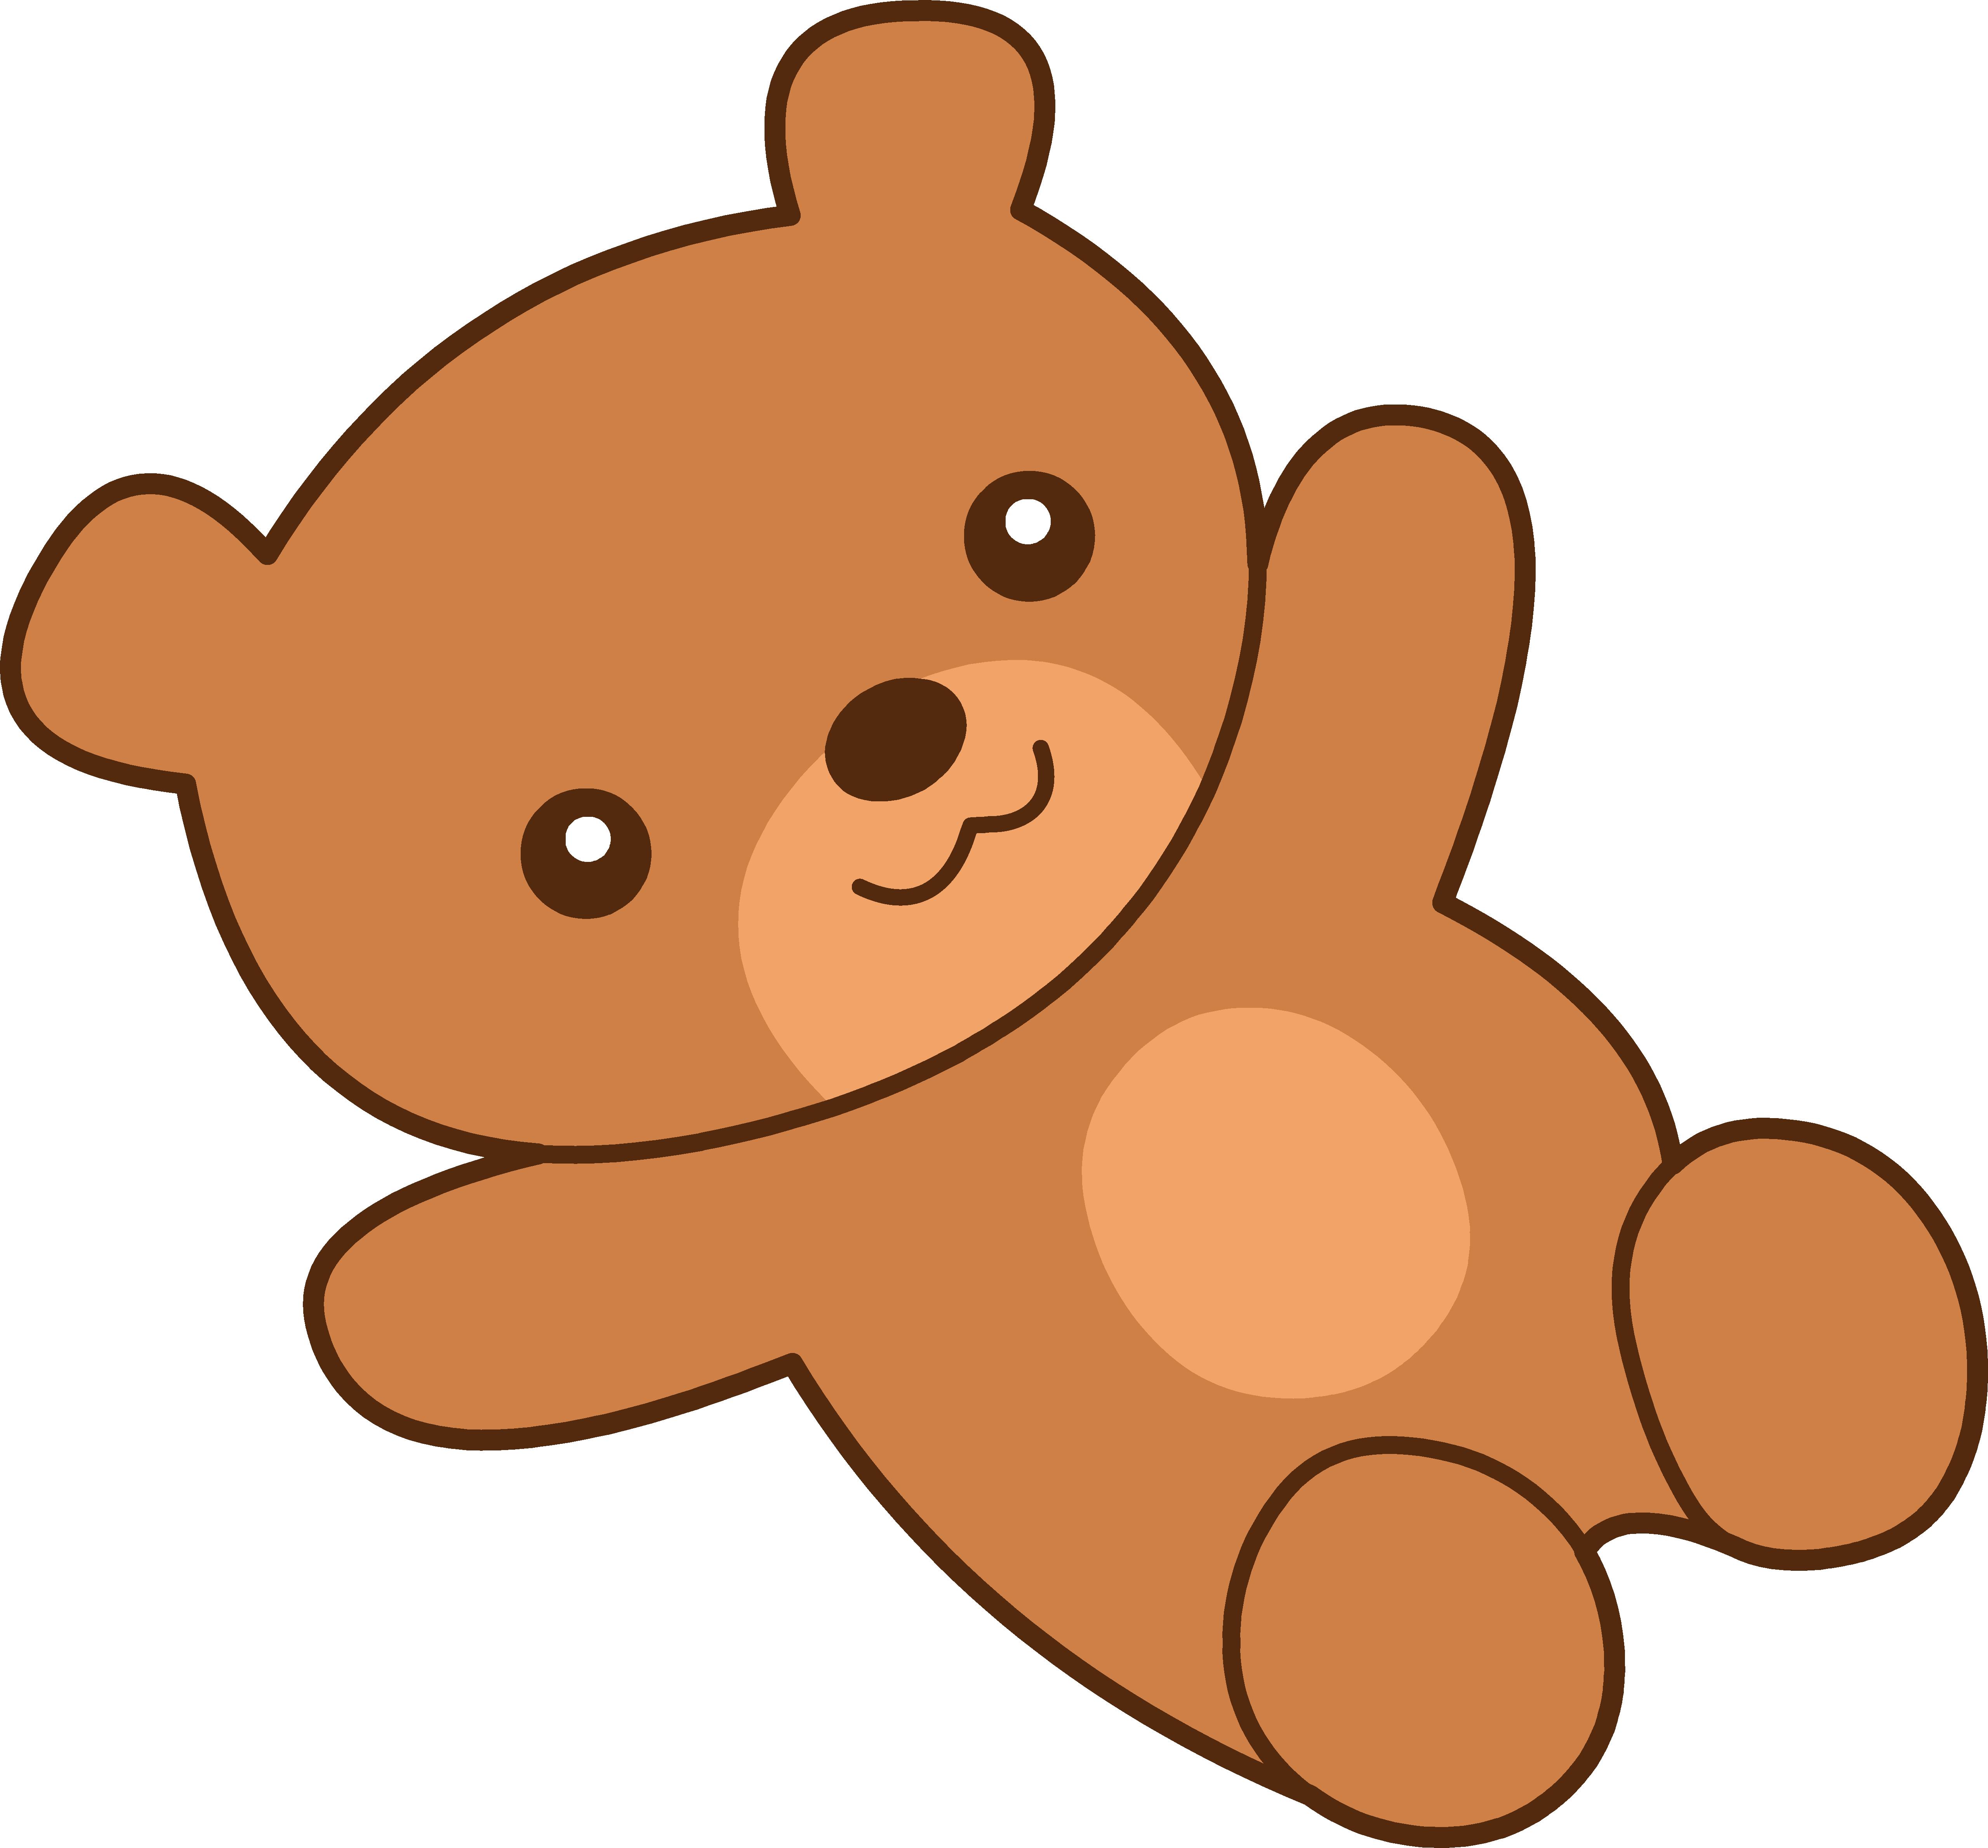 5120x4760 Stuffed Animal Clipart Cute Teddy Bear